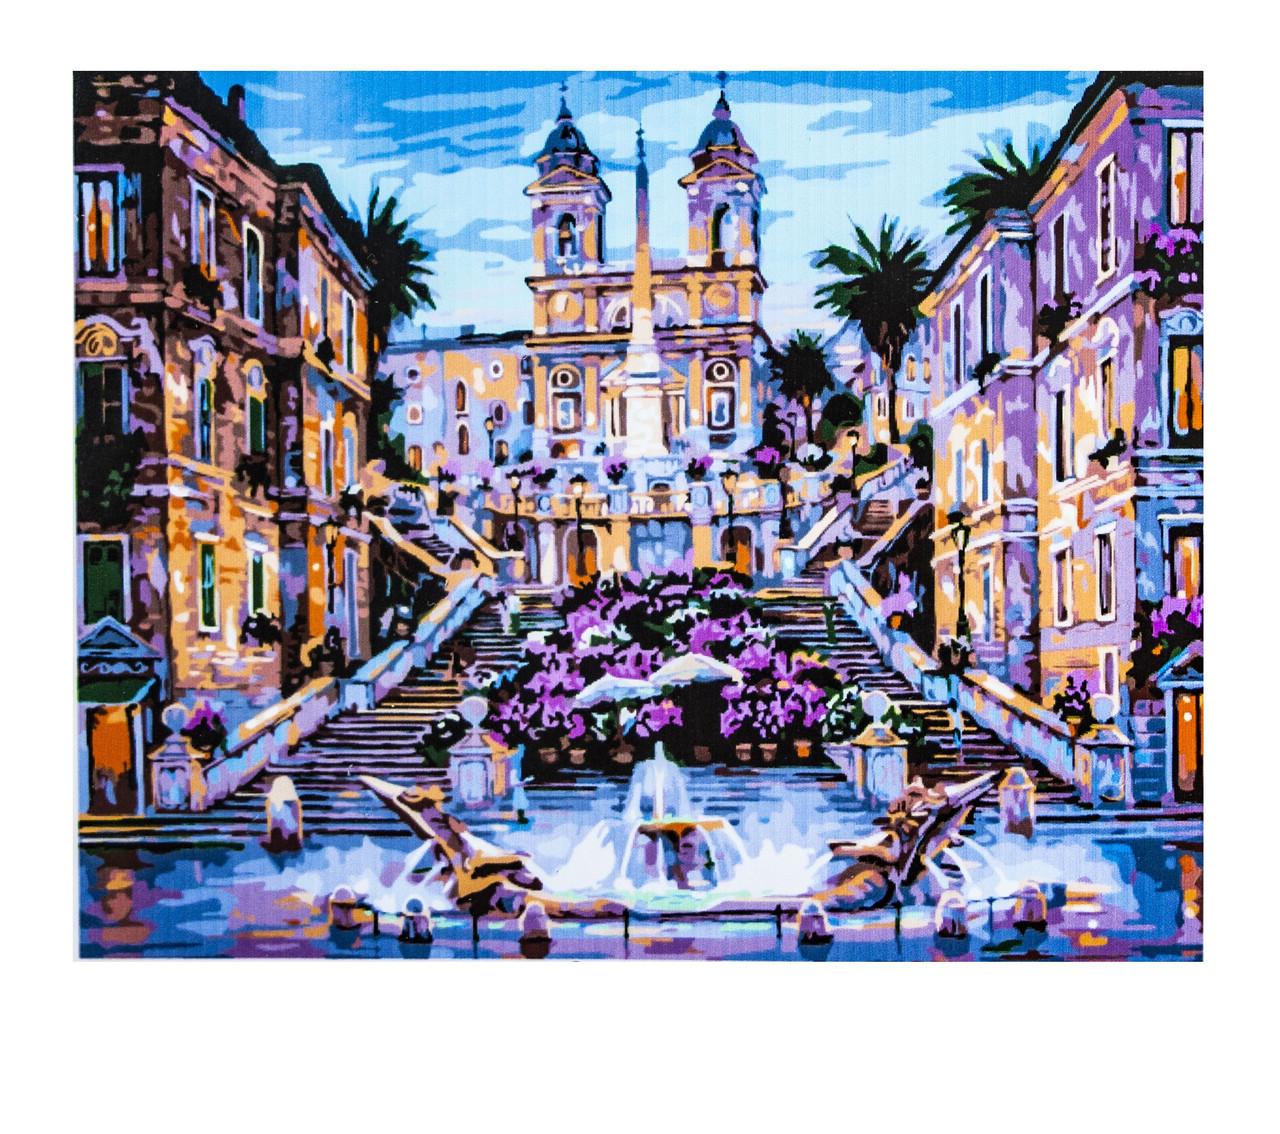 Картина по номерам Городская Площадь, размер 40х50